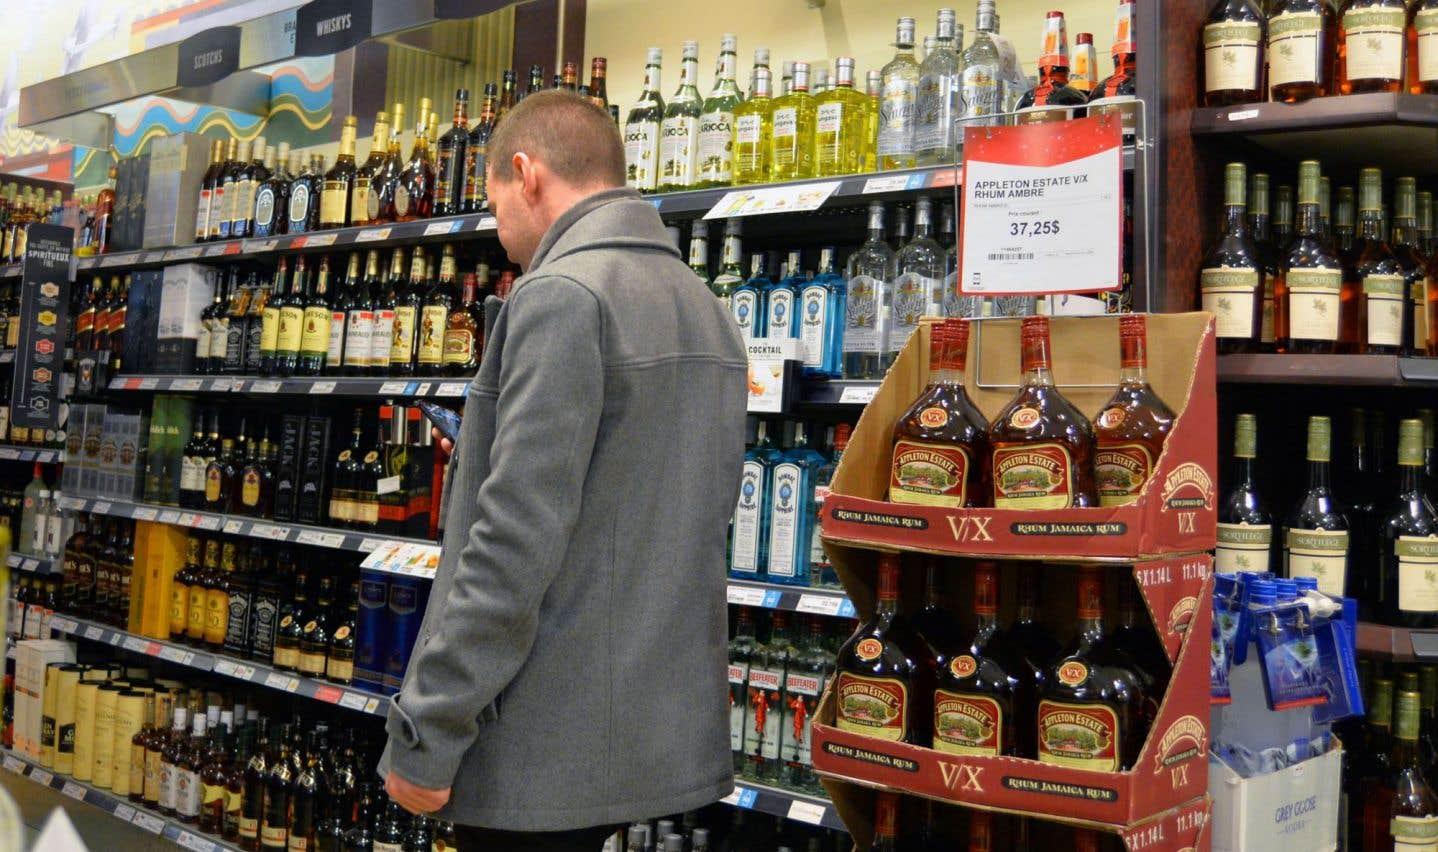 La Ville de Québec appuie la consigne des bouteilles de vin